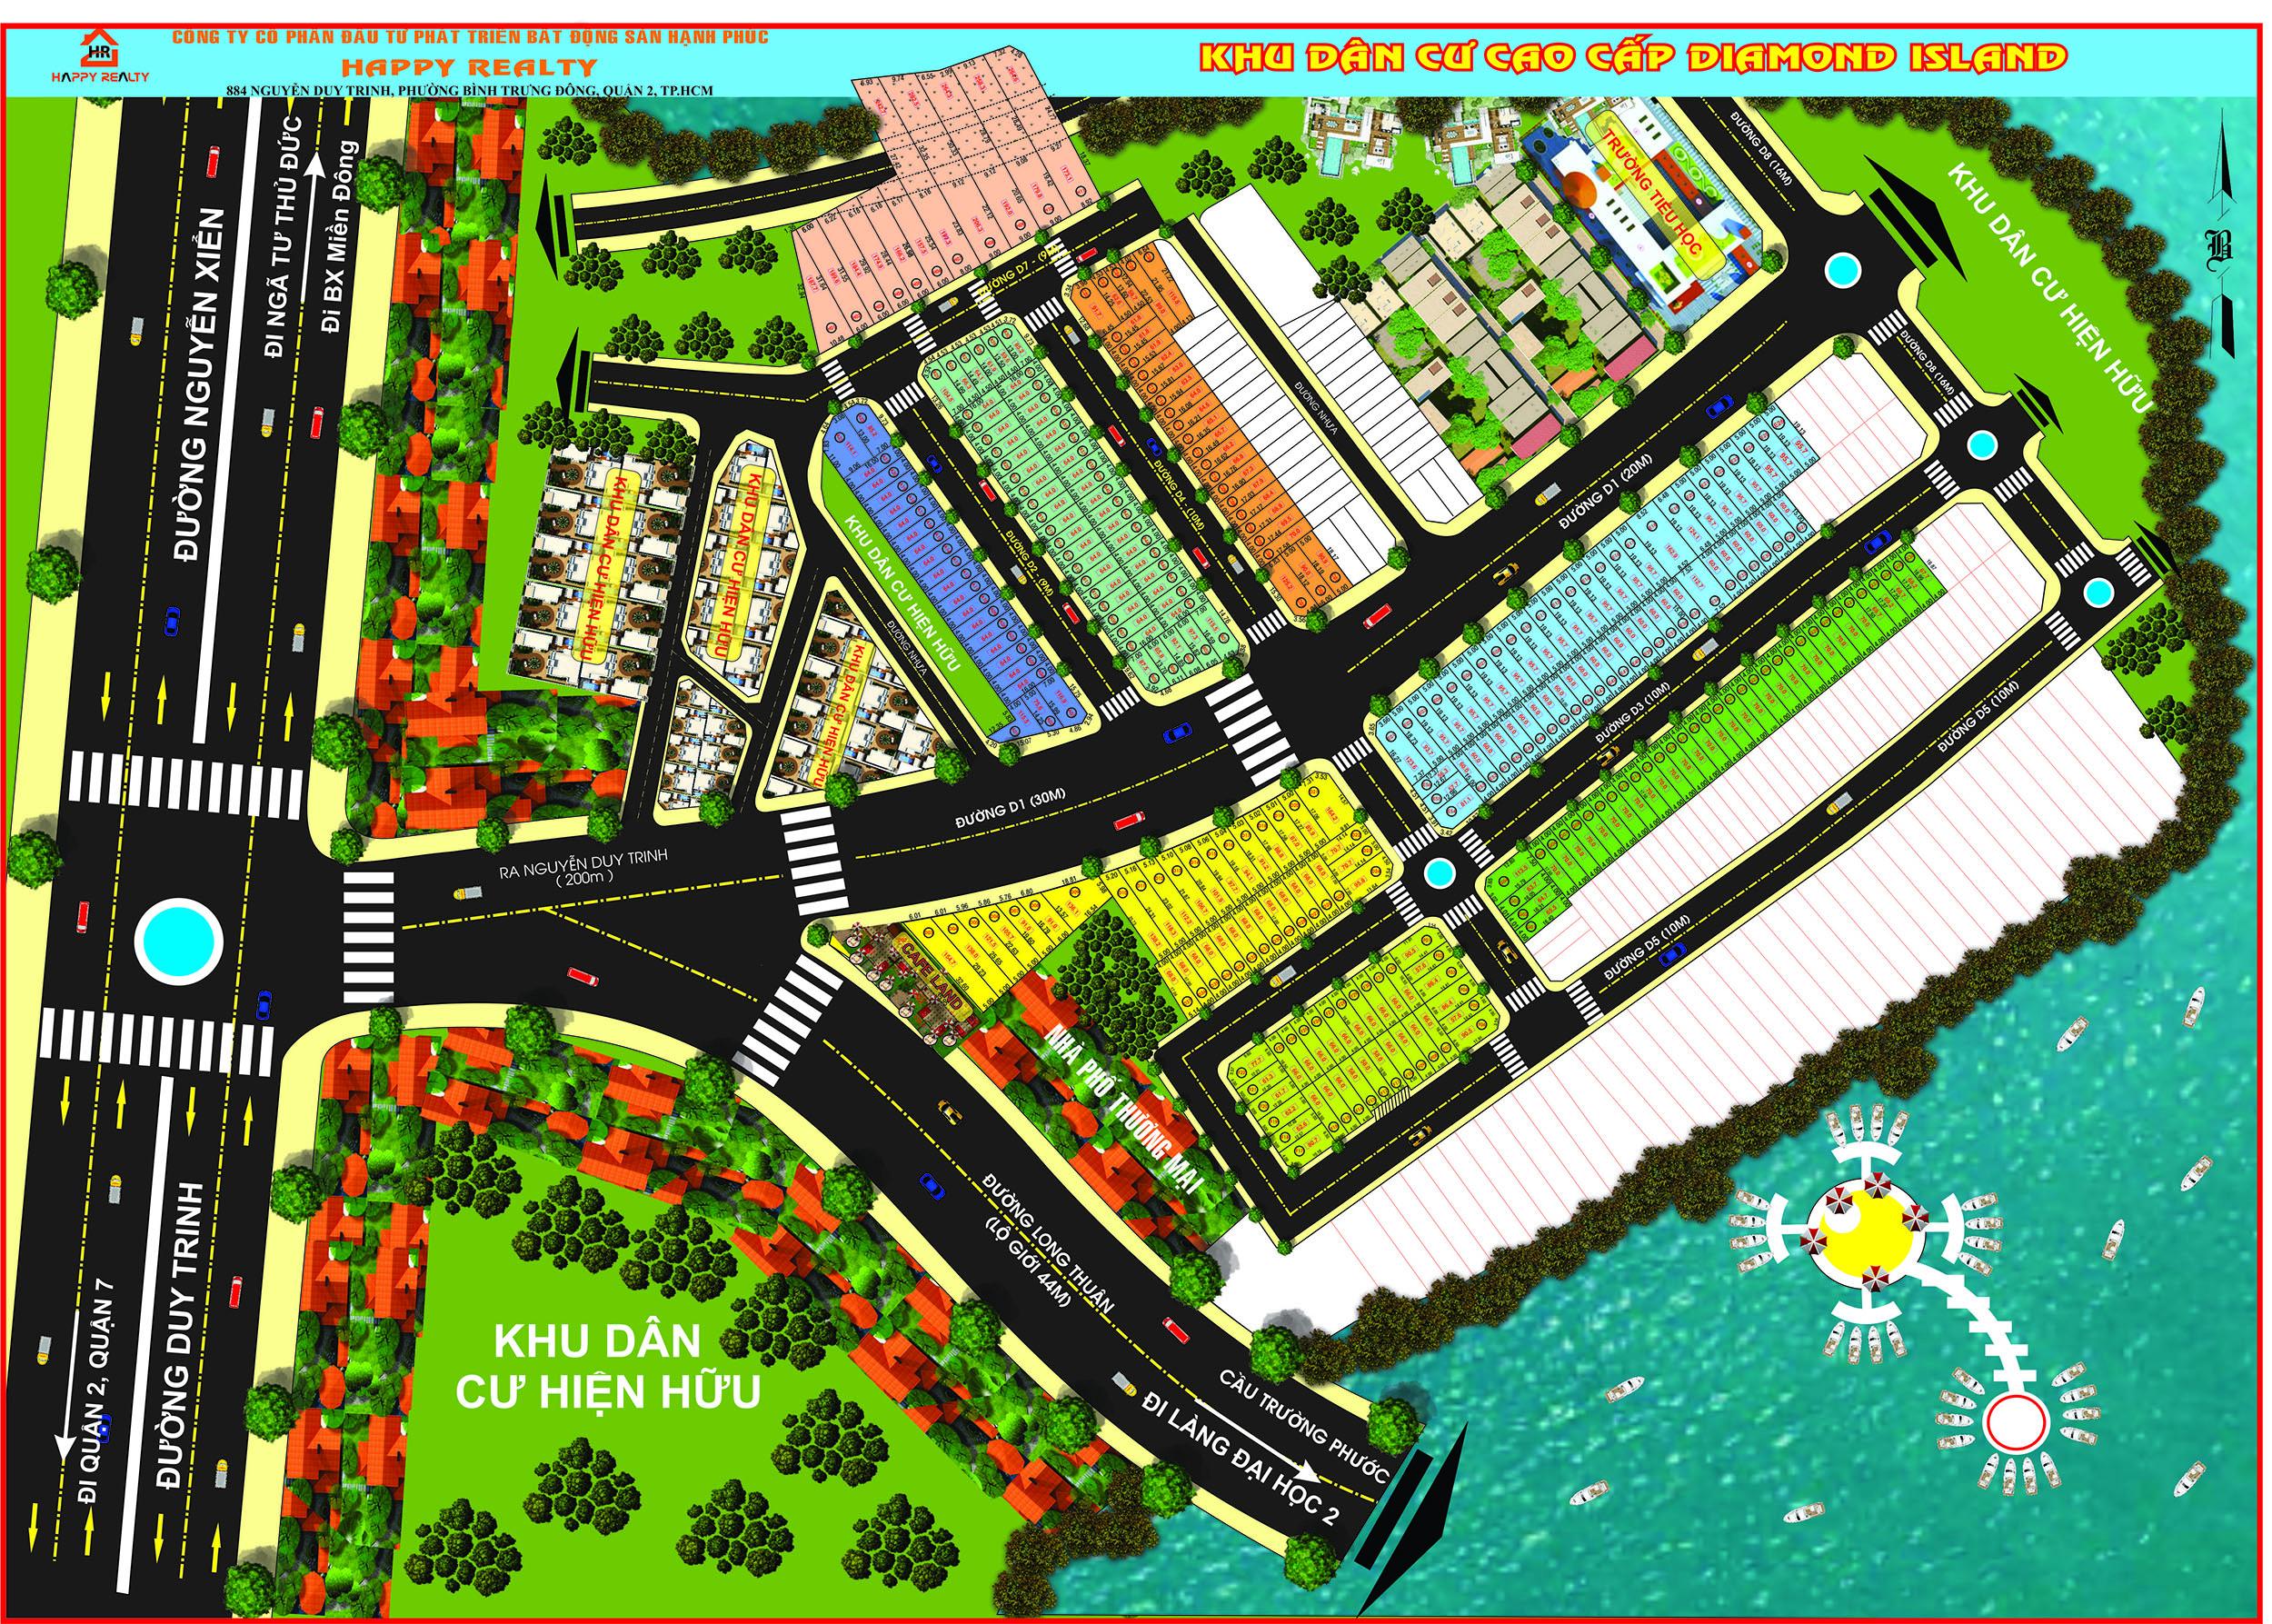 http://hungviland.com/wp-content/uploads/2019/05/mat-bang-phan-lo-du-an-diamond-island-9-viet-nhan.jpg